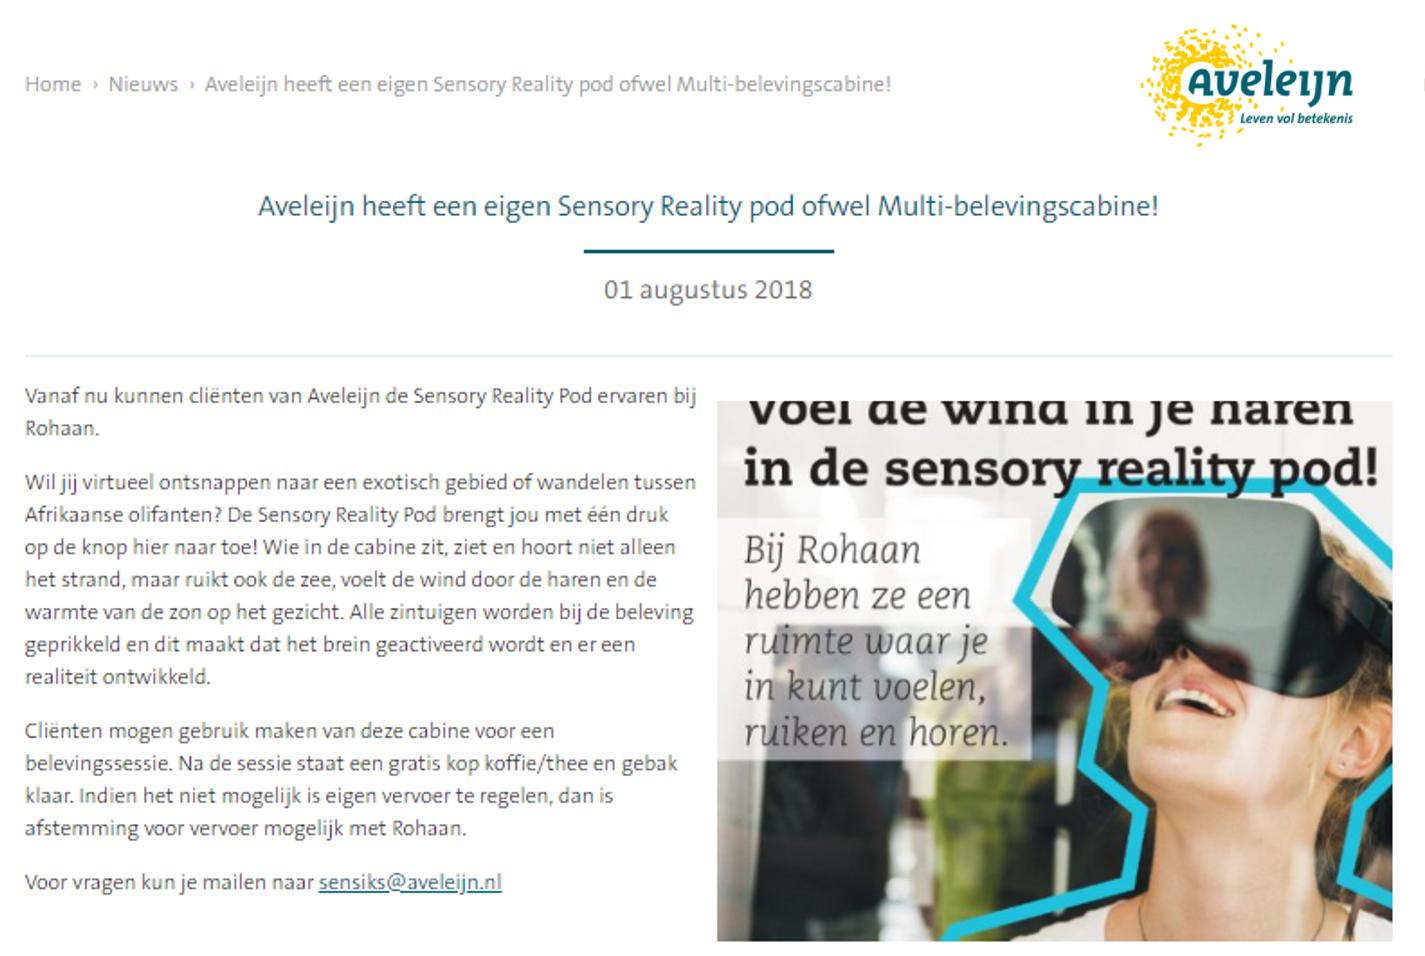 Aveleijn heeft een eigen Sensory Reality pod ofwel Multi-belevingscabine!.png